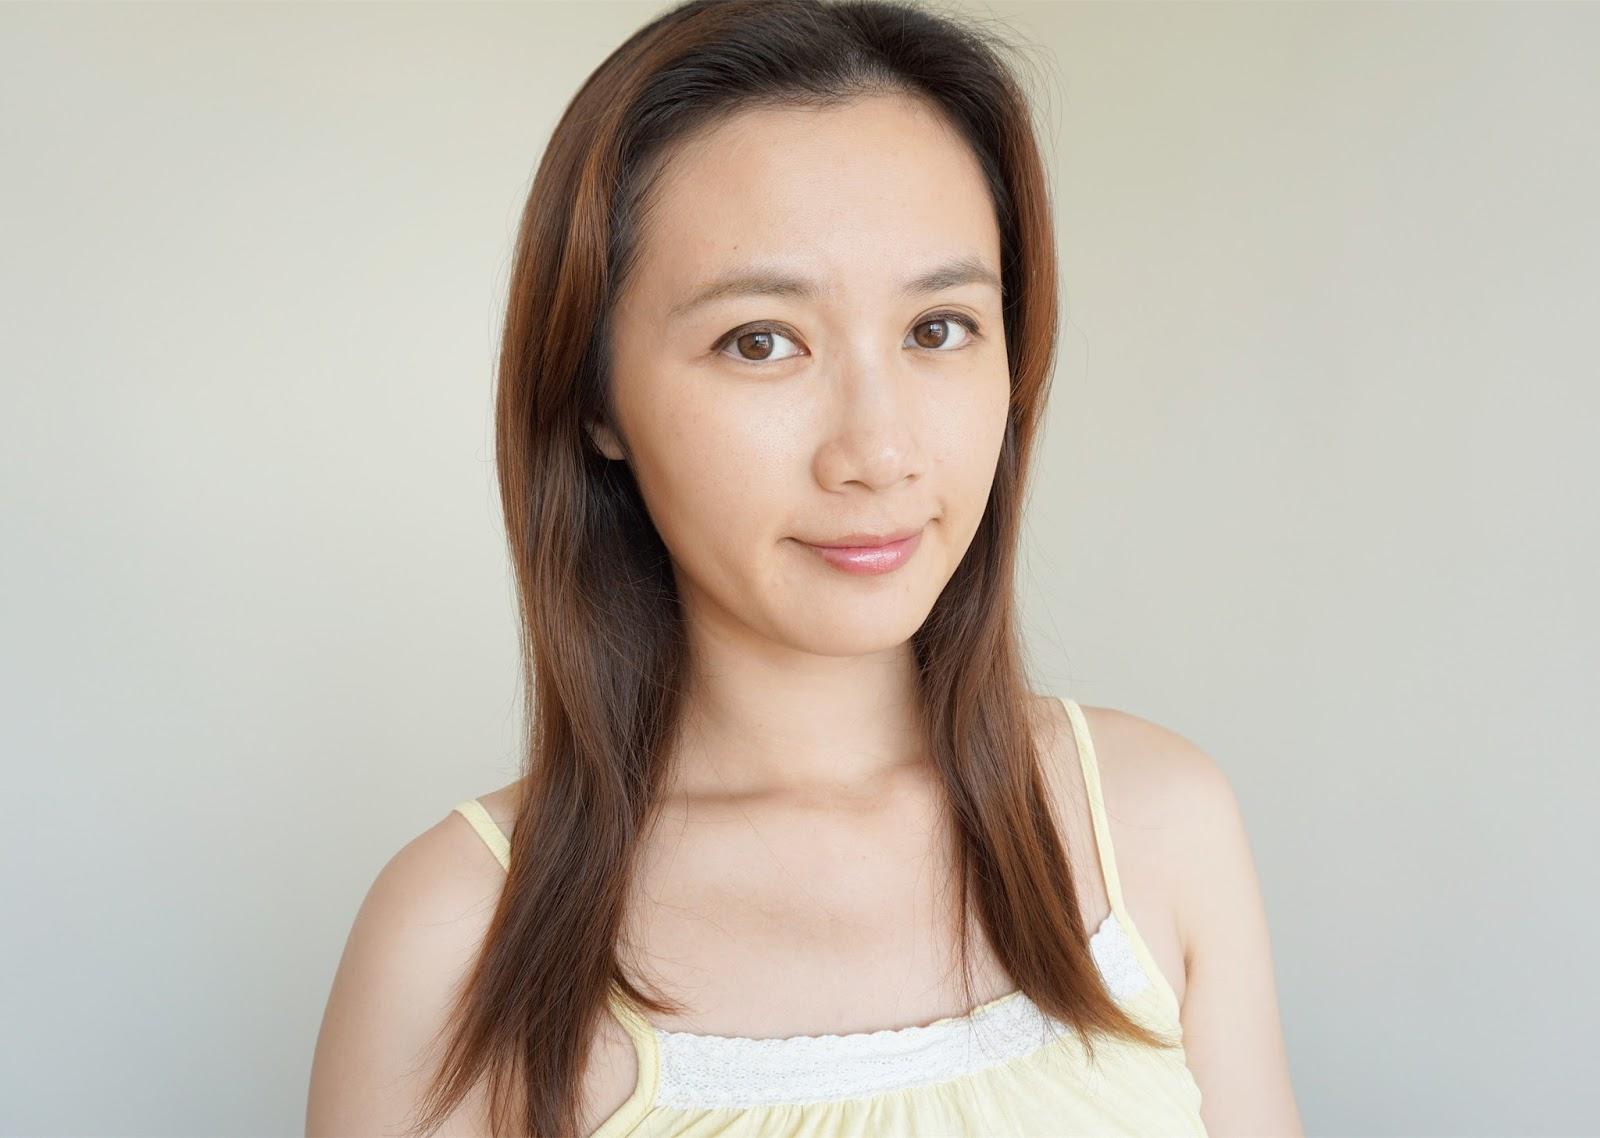 向日葵保會幼薄老化的頭髮 – HIMAWARI 向日葵 EX洗髮護髮系列 – Big Rat Lab Irene Leung